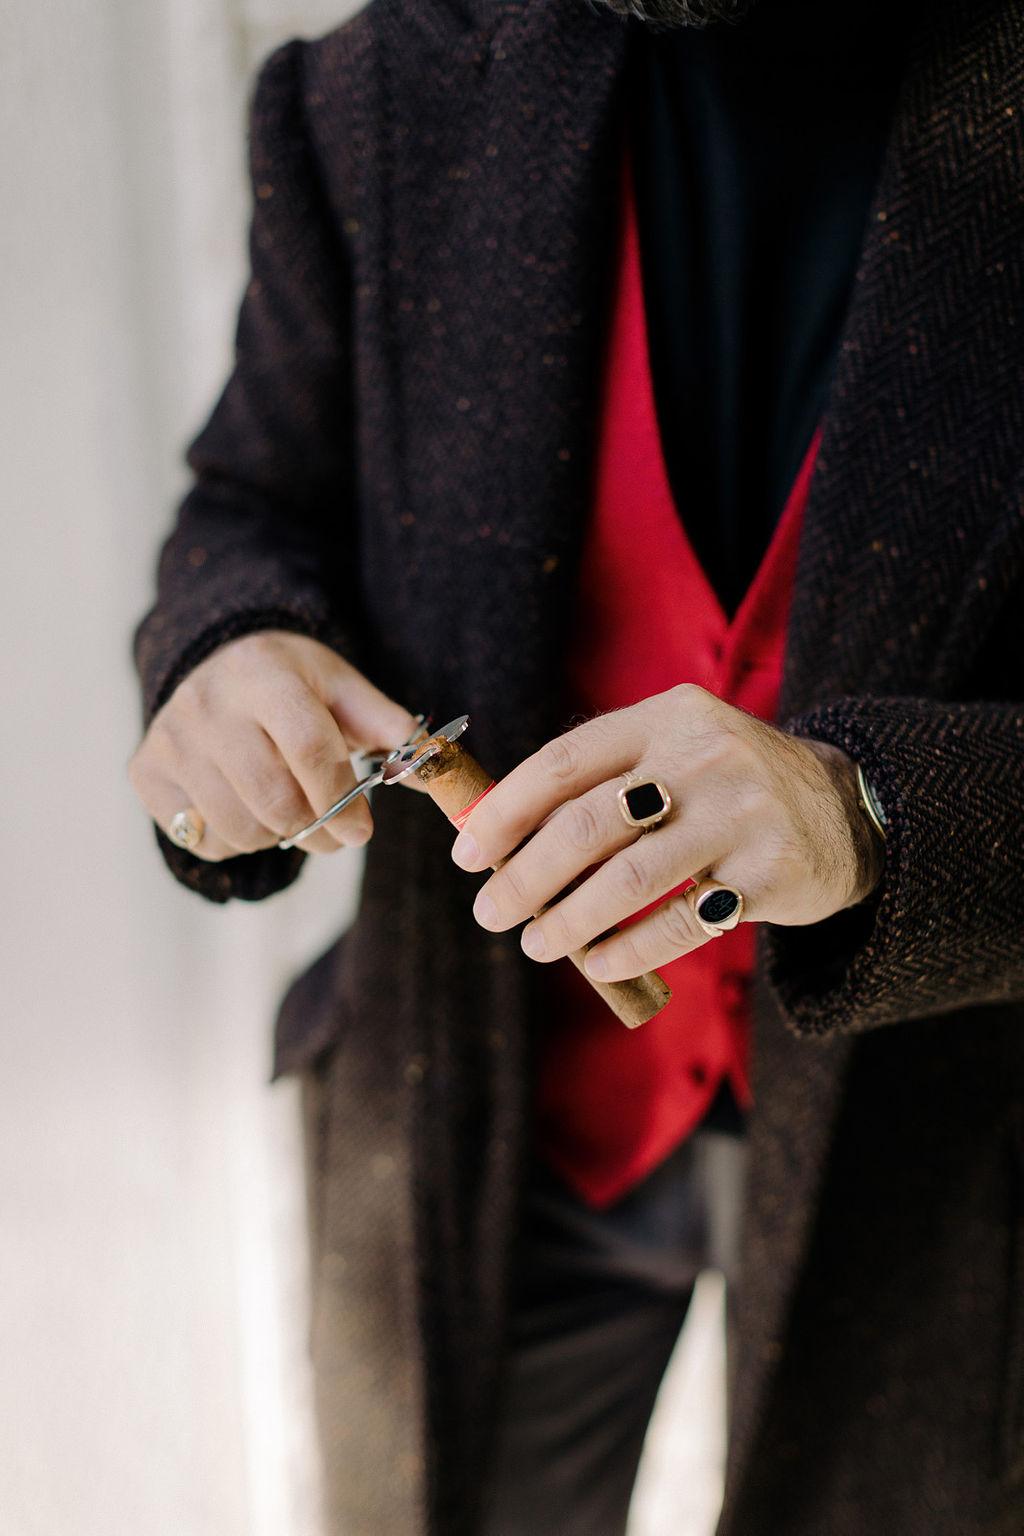 Man wearing gold signet ring cutting cigar